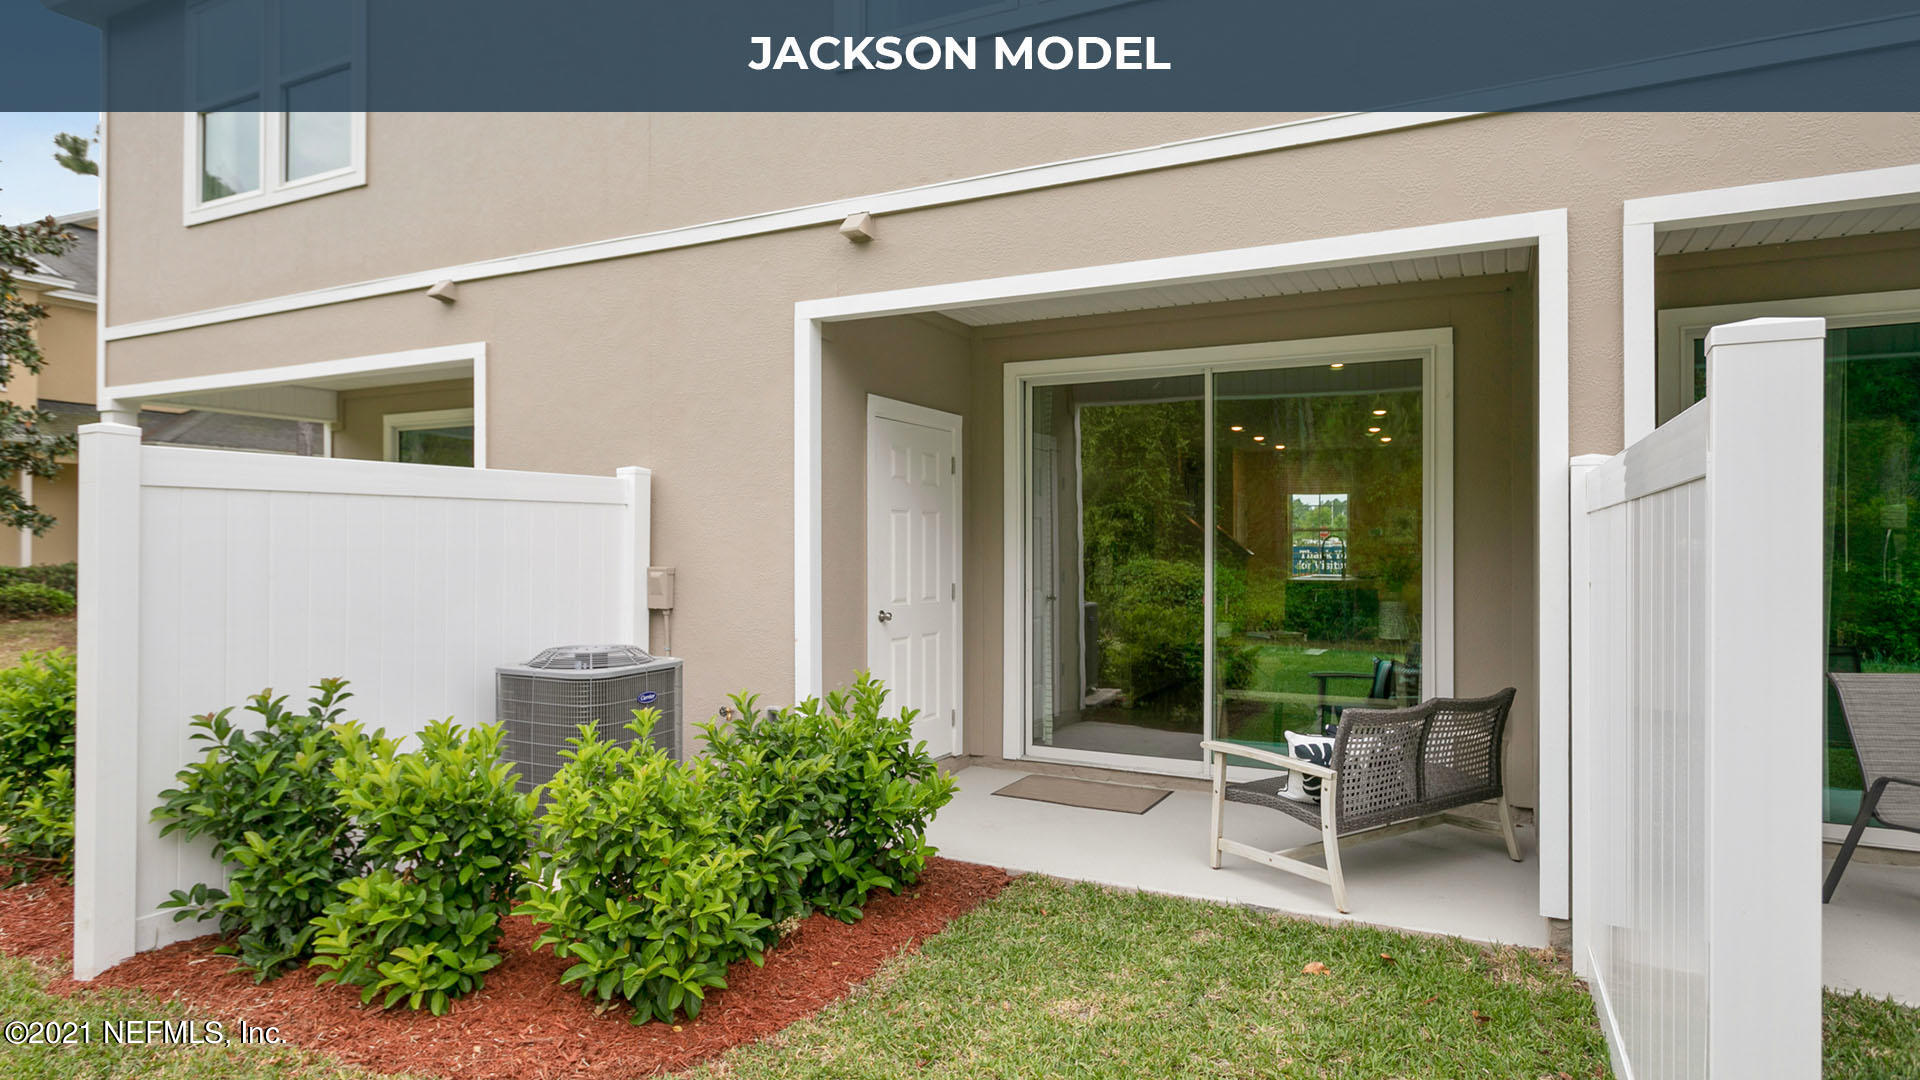 575 OAKLEAF PLANTATION, ORANGE PARK, FLORIDA 32065, 2 Bedrooms Bedrooms, ,2 BathroomsBathrooms,Residential,For sale,OAKLEAF PLANTATION,1105763